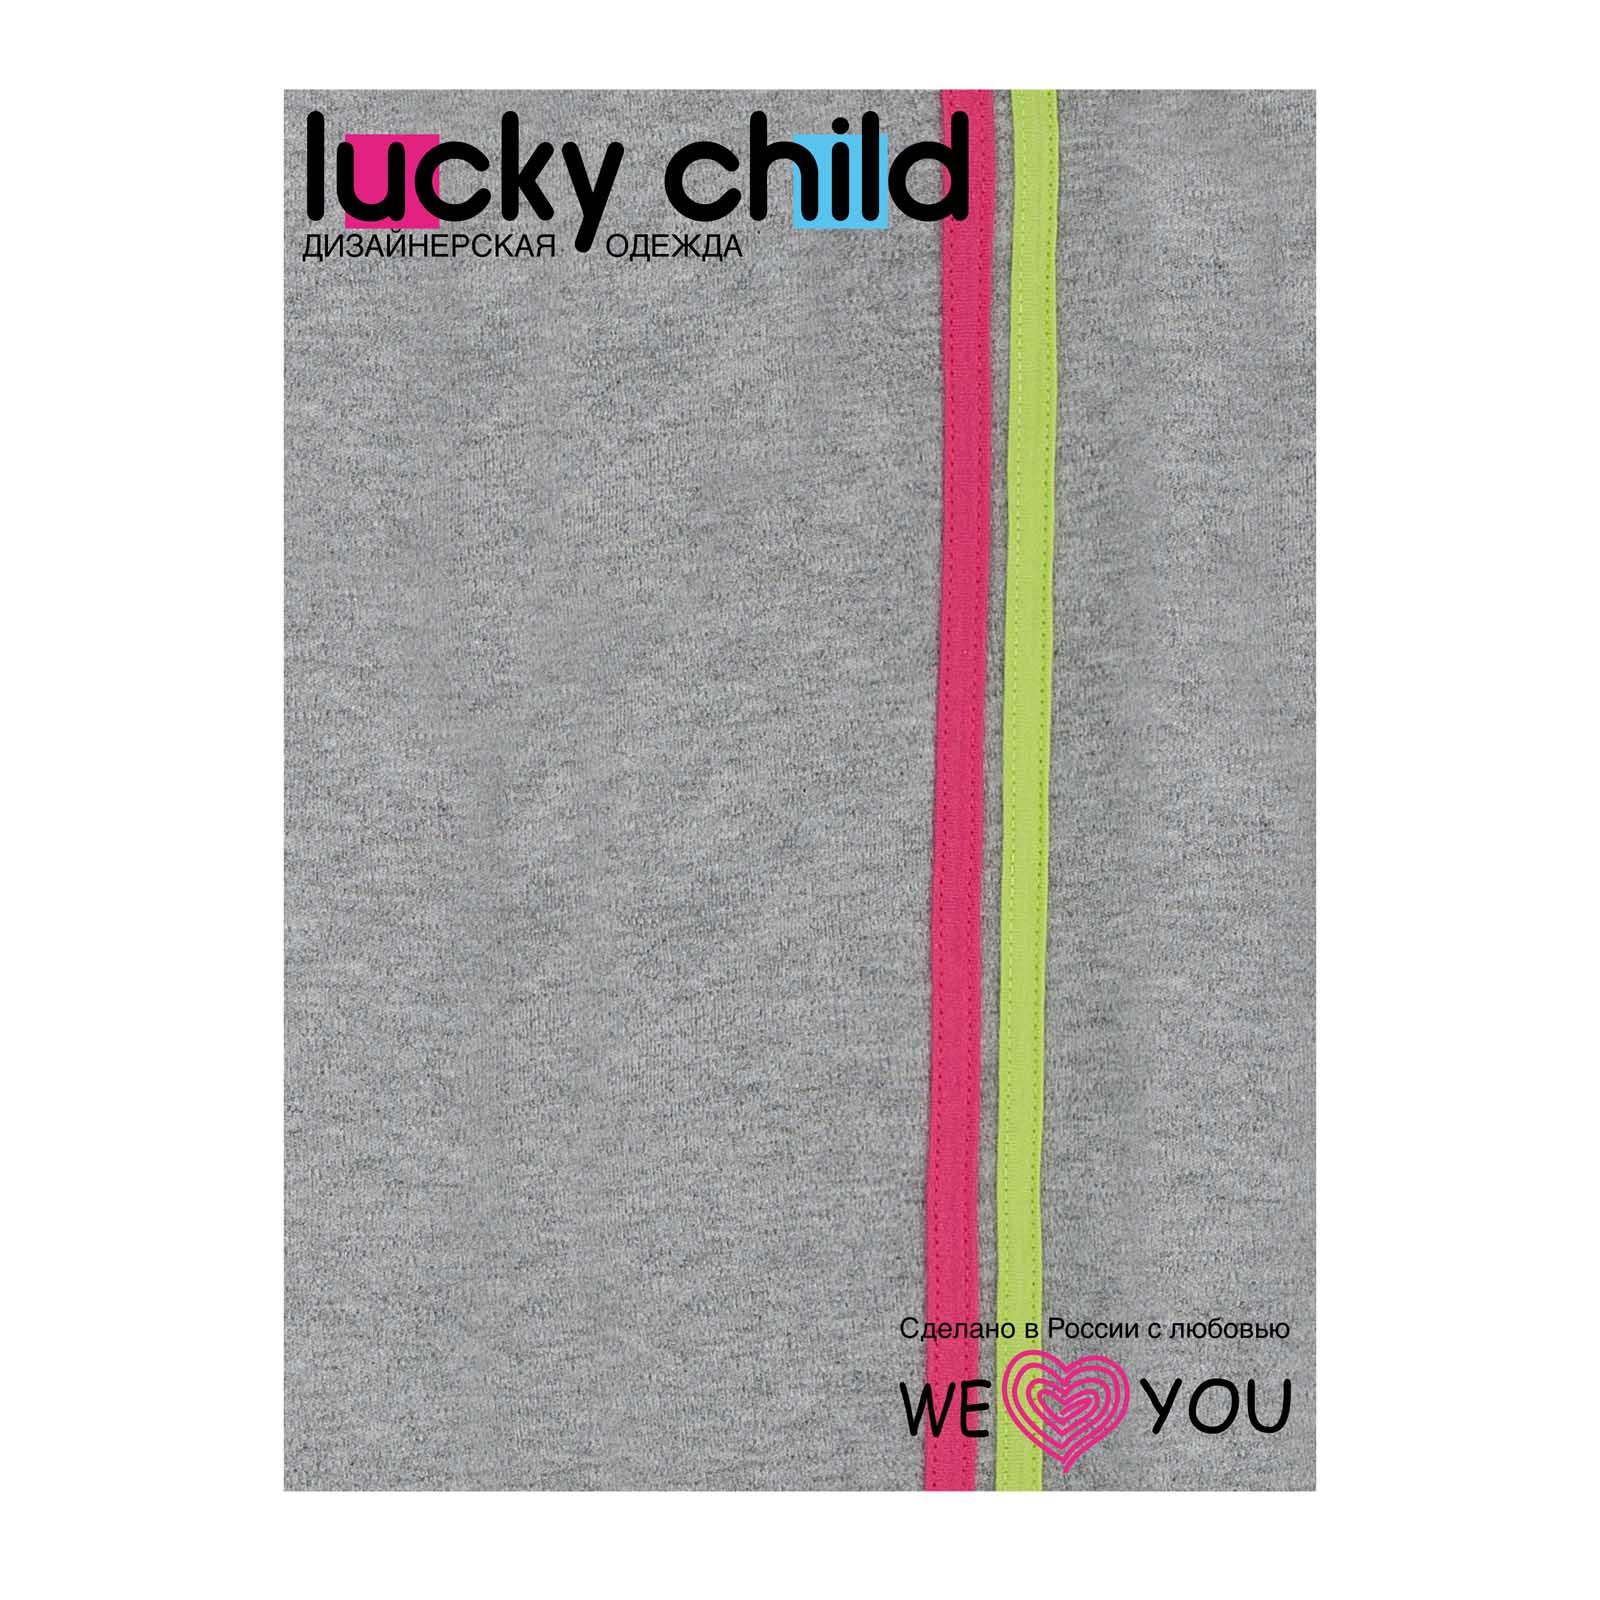 Штанишки Lucky Child, коллекция Спортивная линия, для девочки размер 68